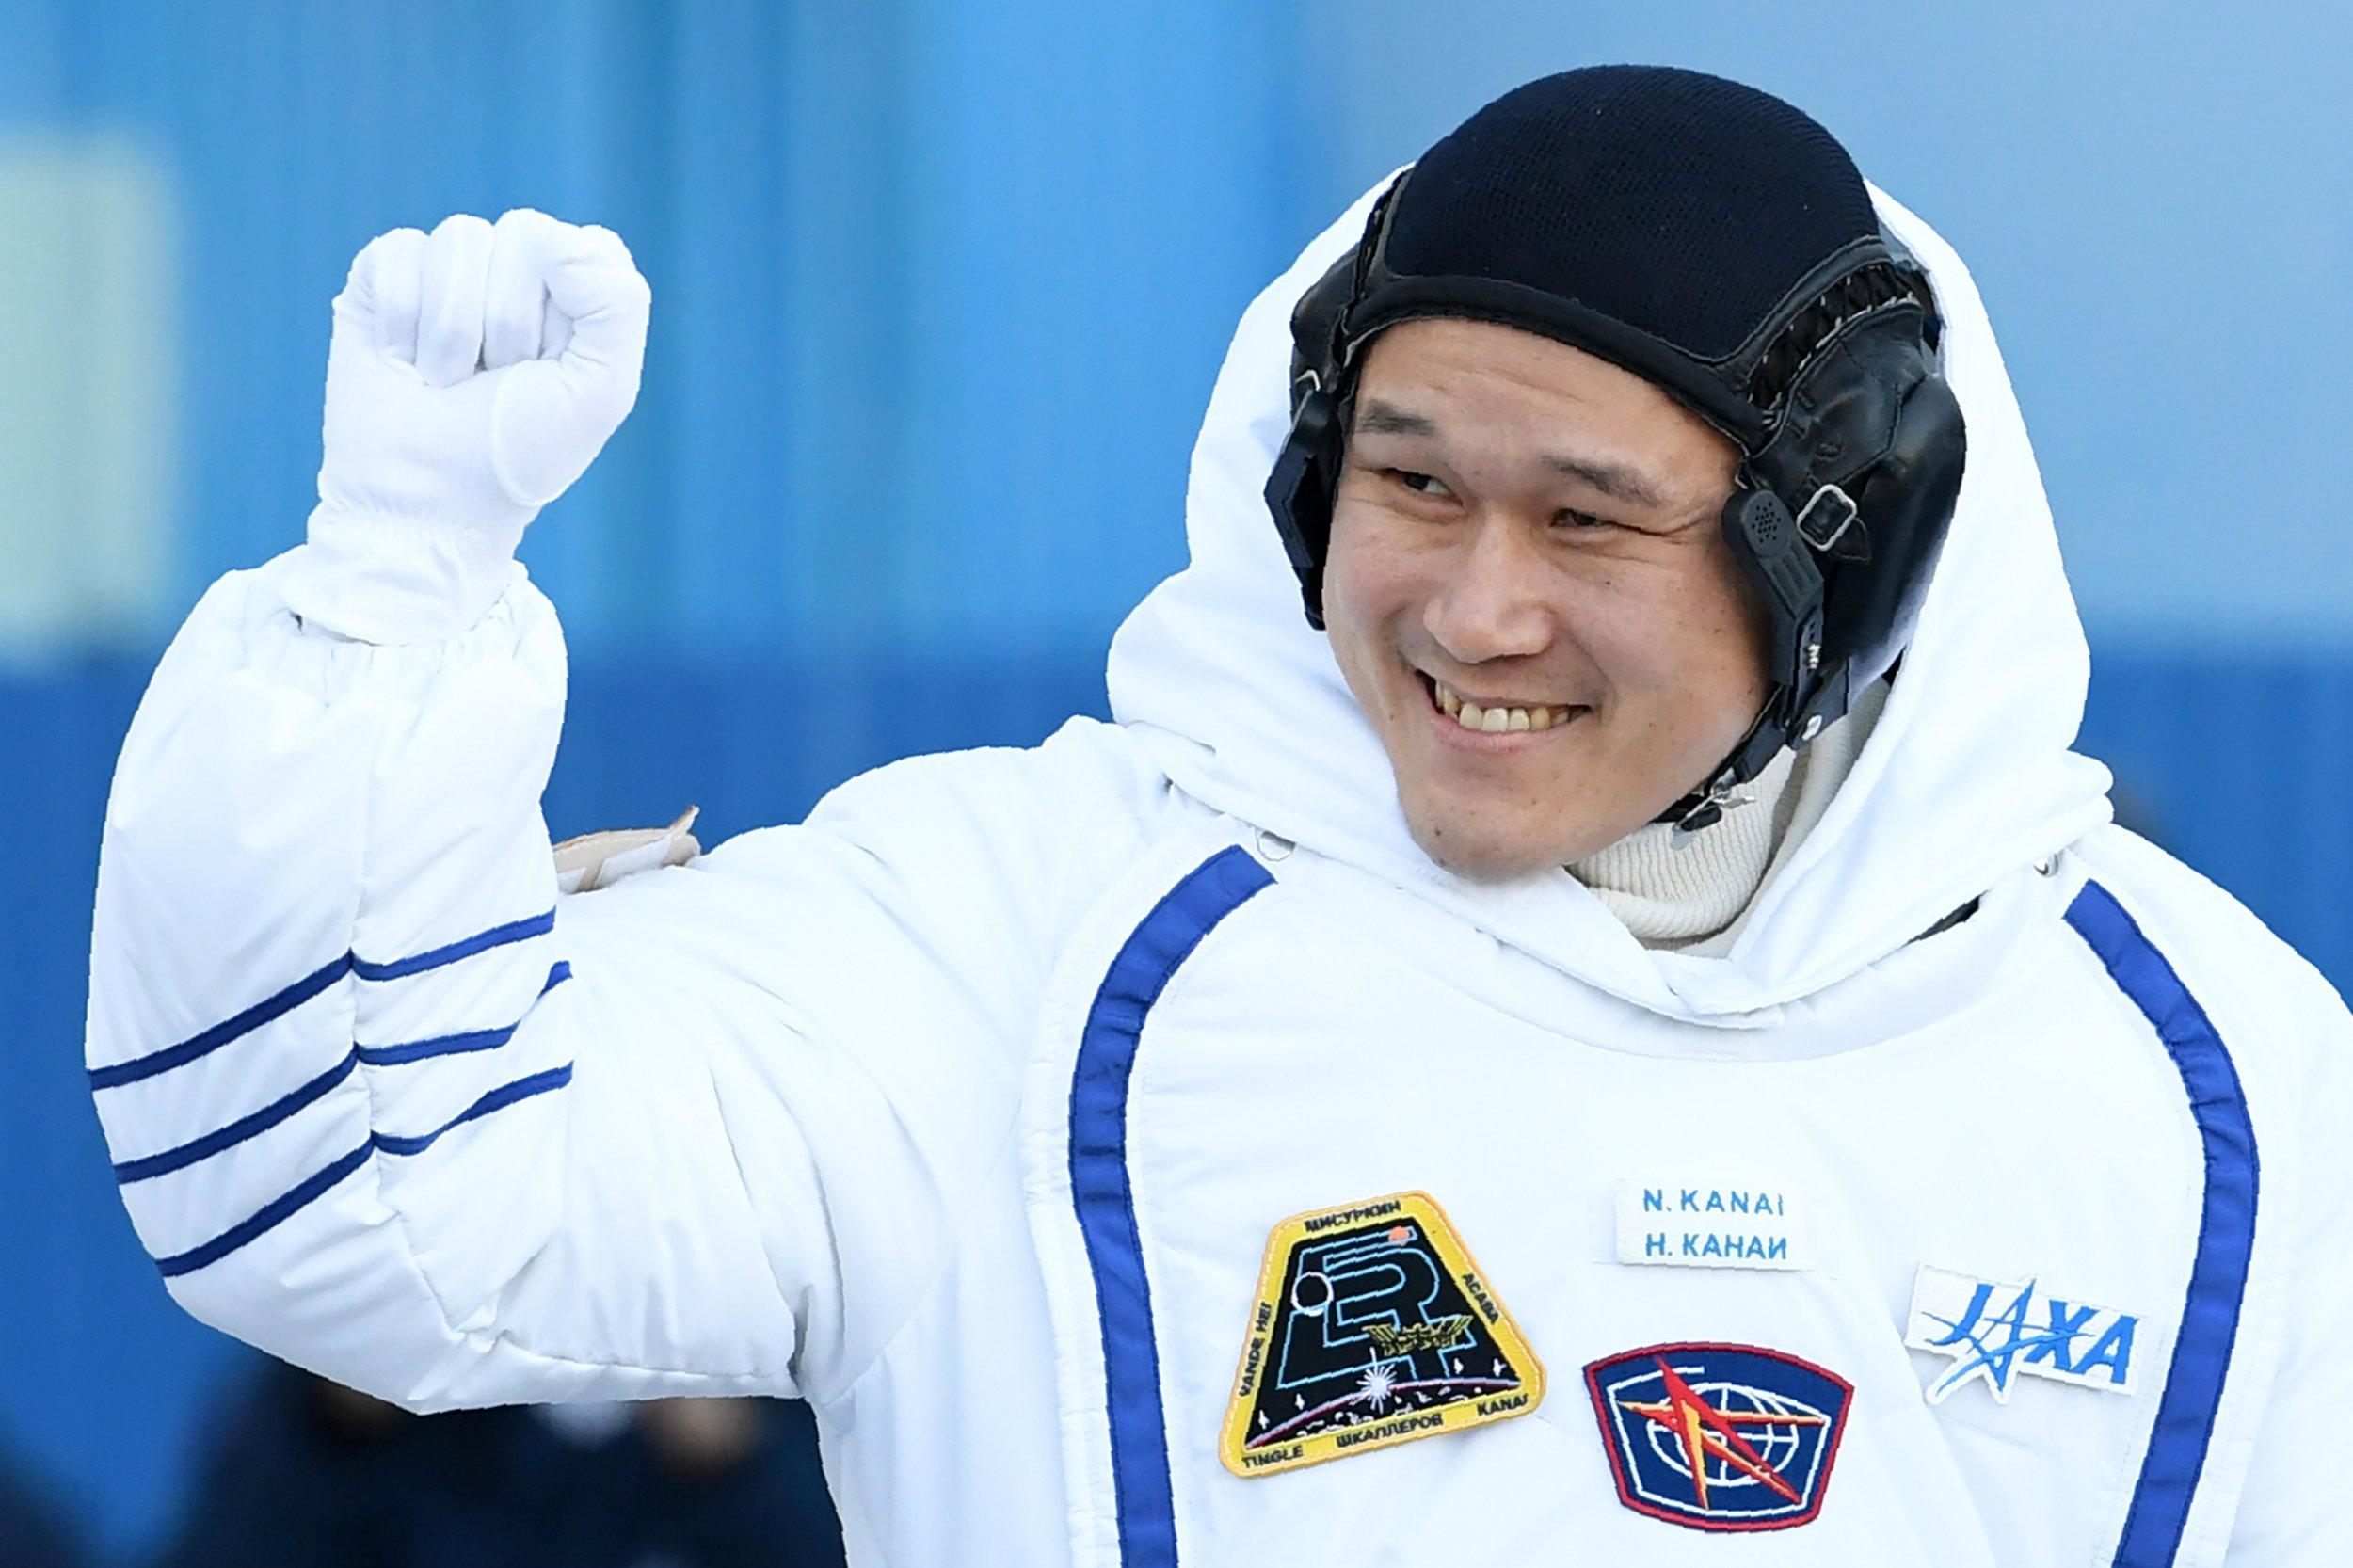 01_09_norishige_kanai_astronaut